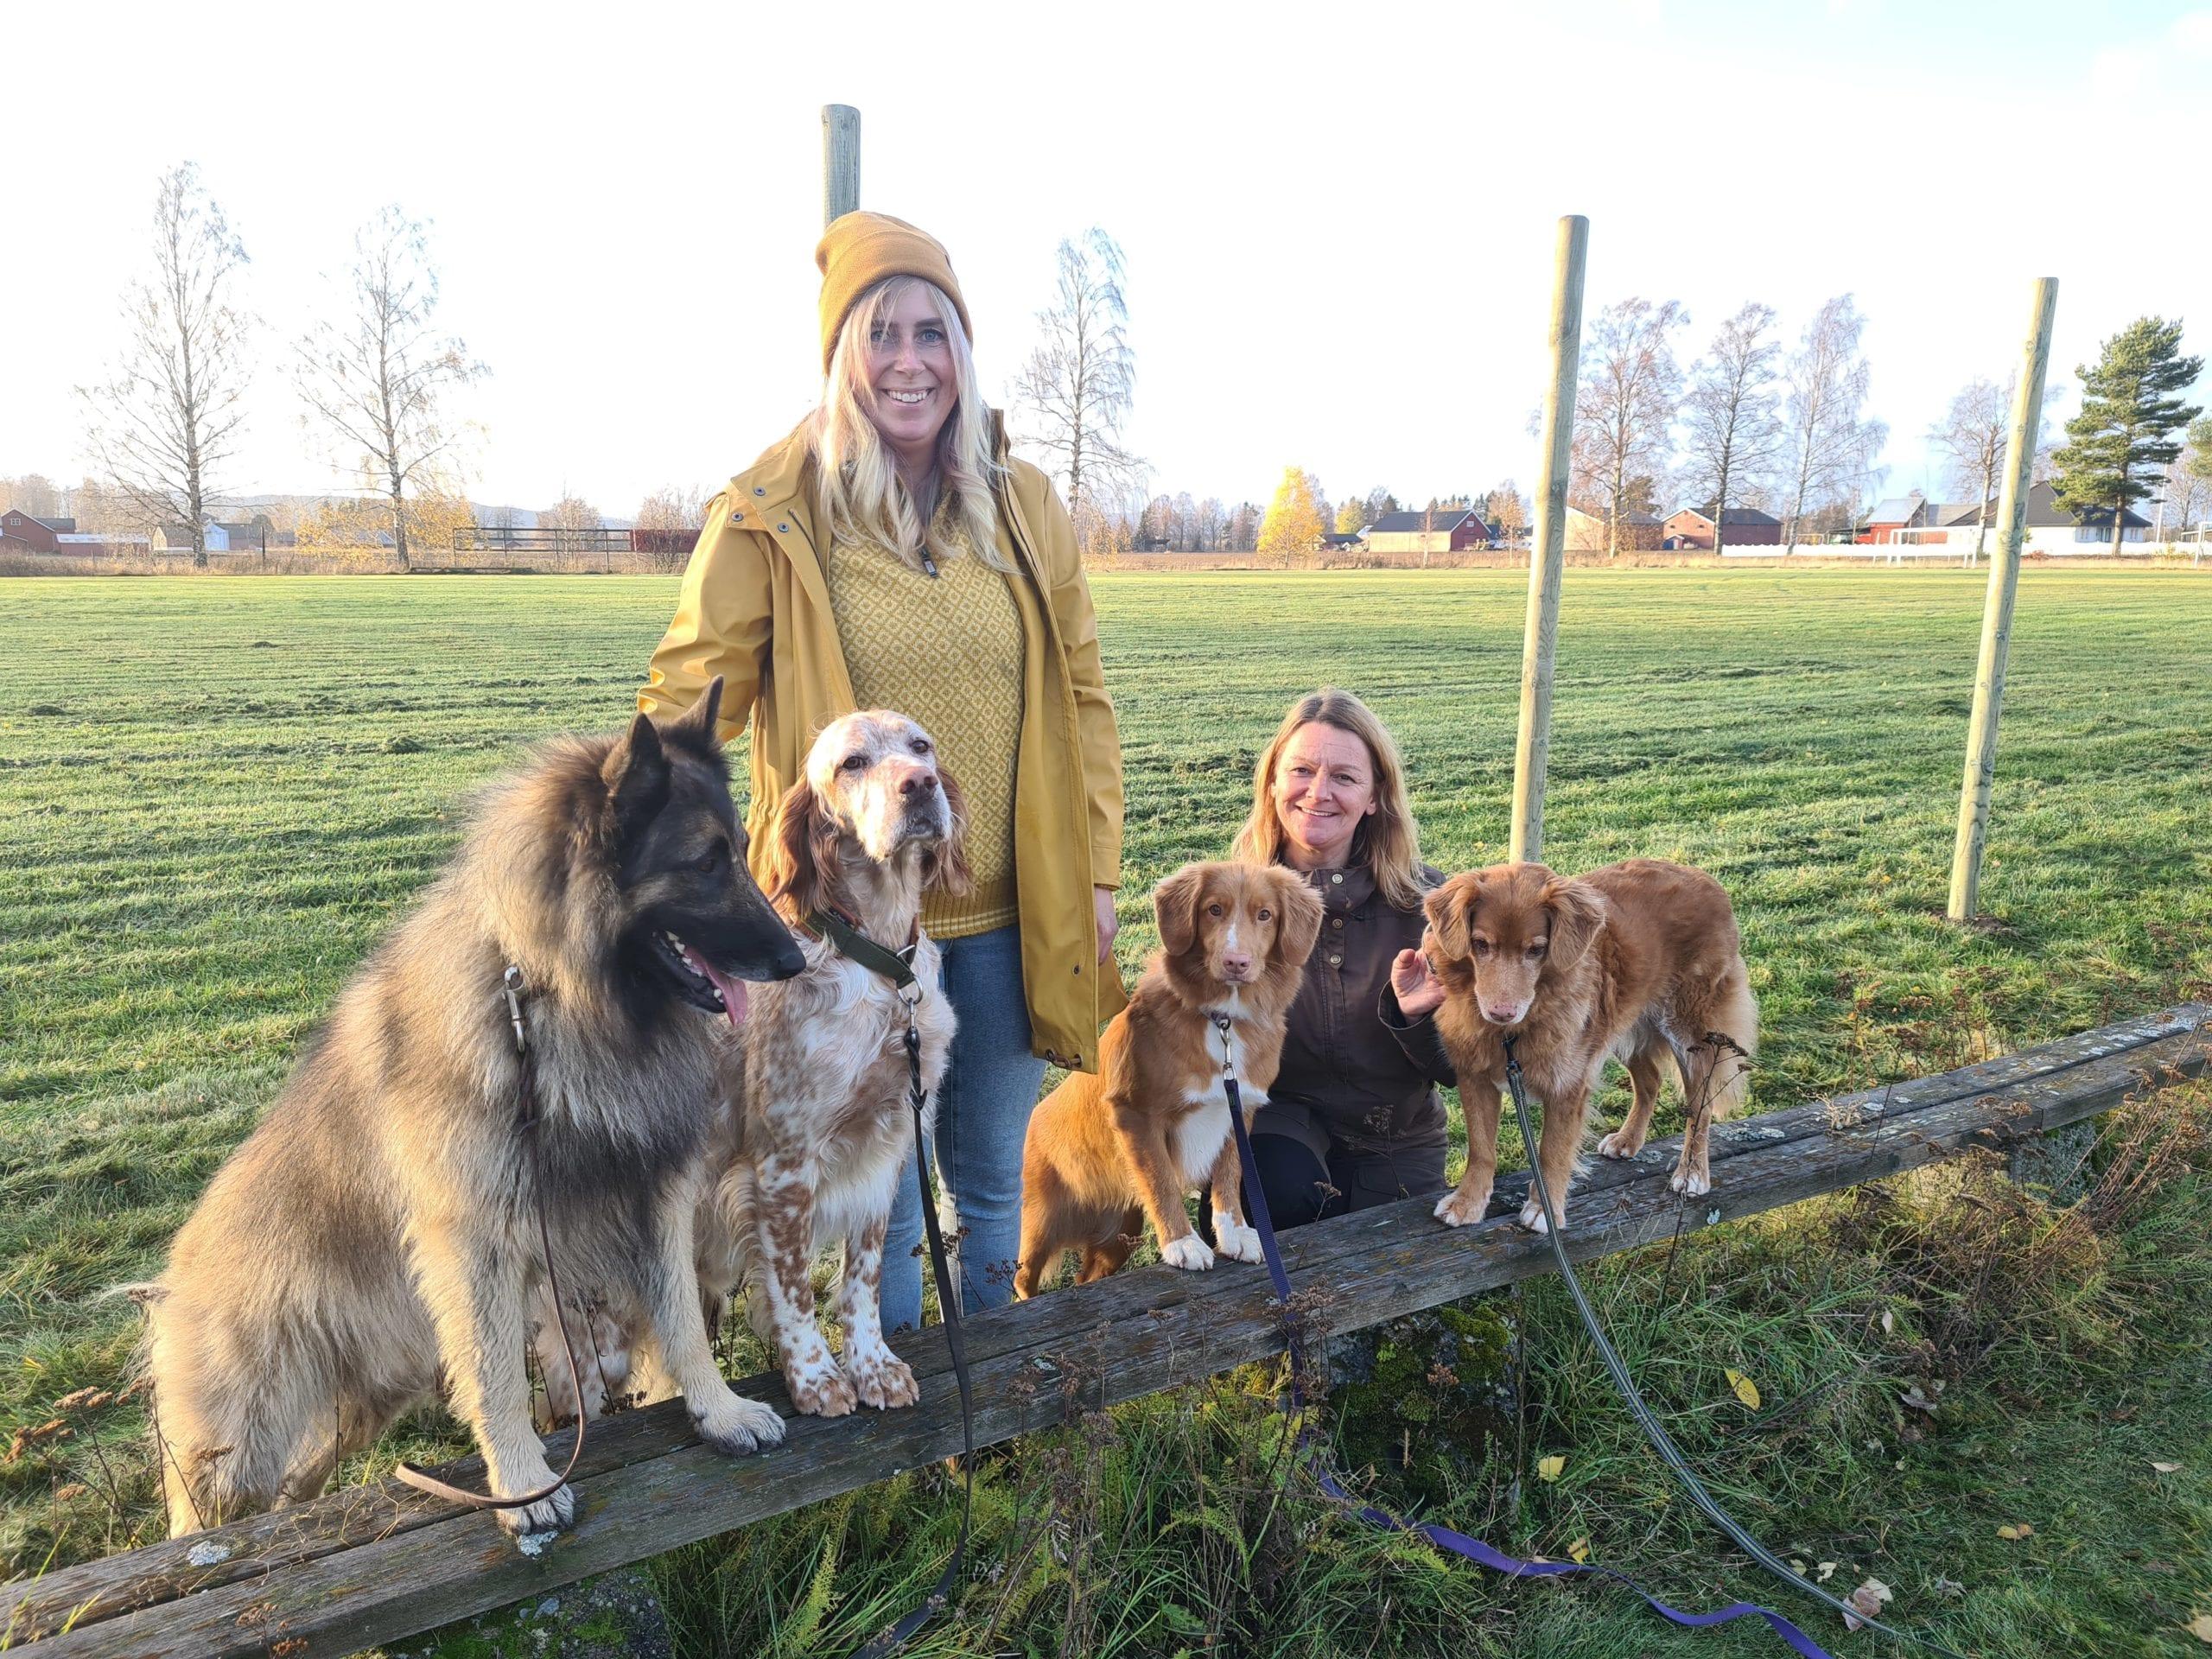 SNART KLART FOR TRENING: Idrettsplassen på Namnå leies nå ut til Åsnes og omegn hundeklubb. Frida Lilleberg (til venstre) og Nina W. Nilsen er to av klubbens medlemmer. Fra venstre ser vi hundene Ivrig, Bris, Easy og Kaisa.